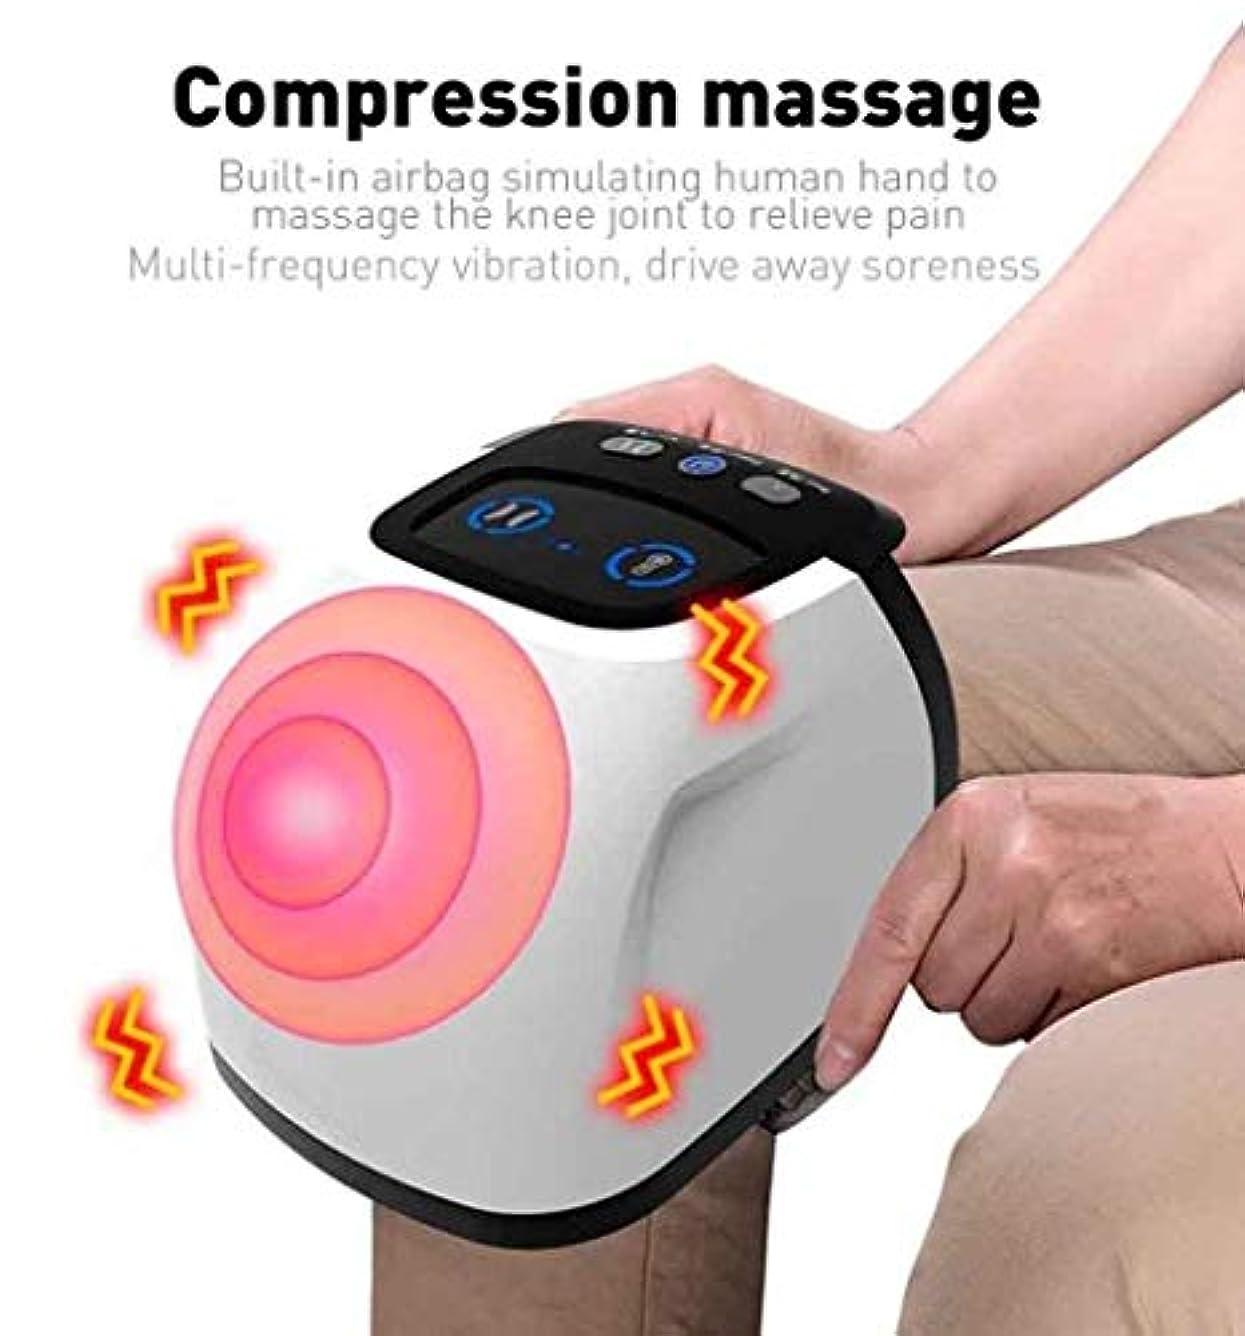 スリム建築対抗足と膝の痛みを和らげるための電動マッサージケアツール、エアバッグの圧縮/振動/暖かい/赤外線マグネット理学療法、血液循環の促進